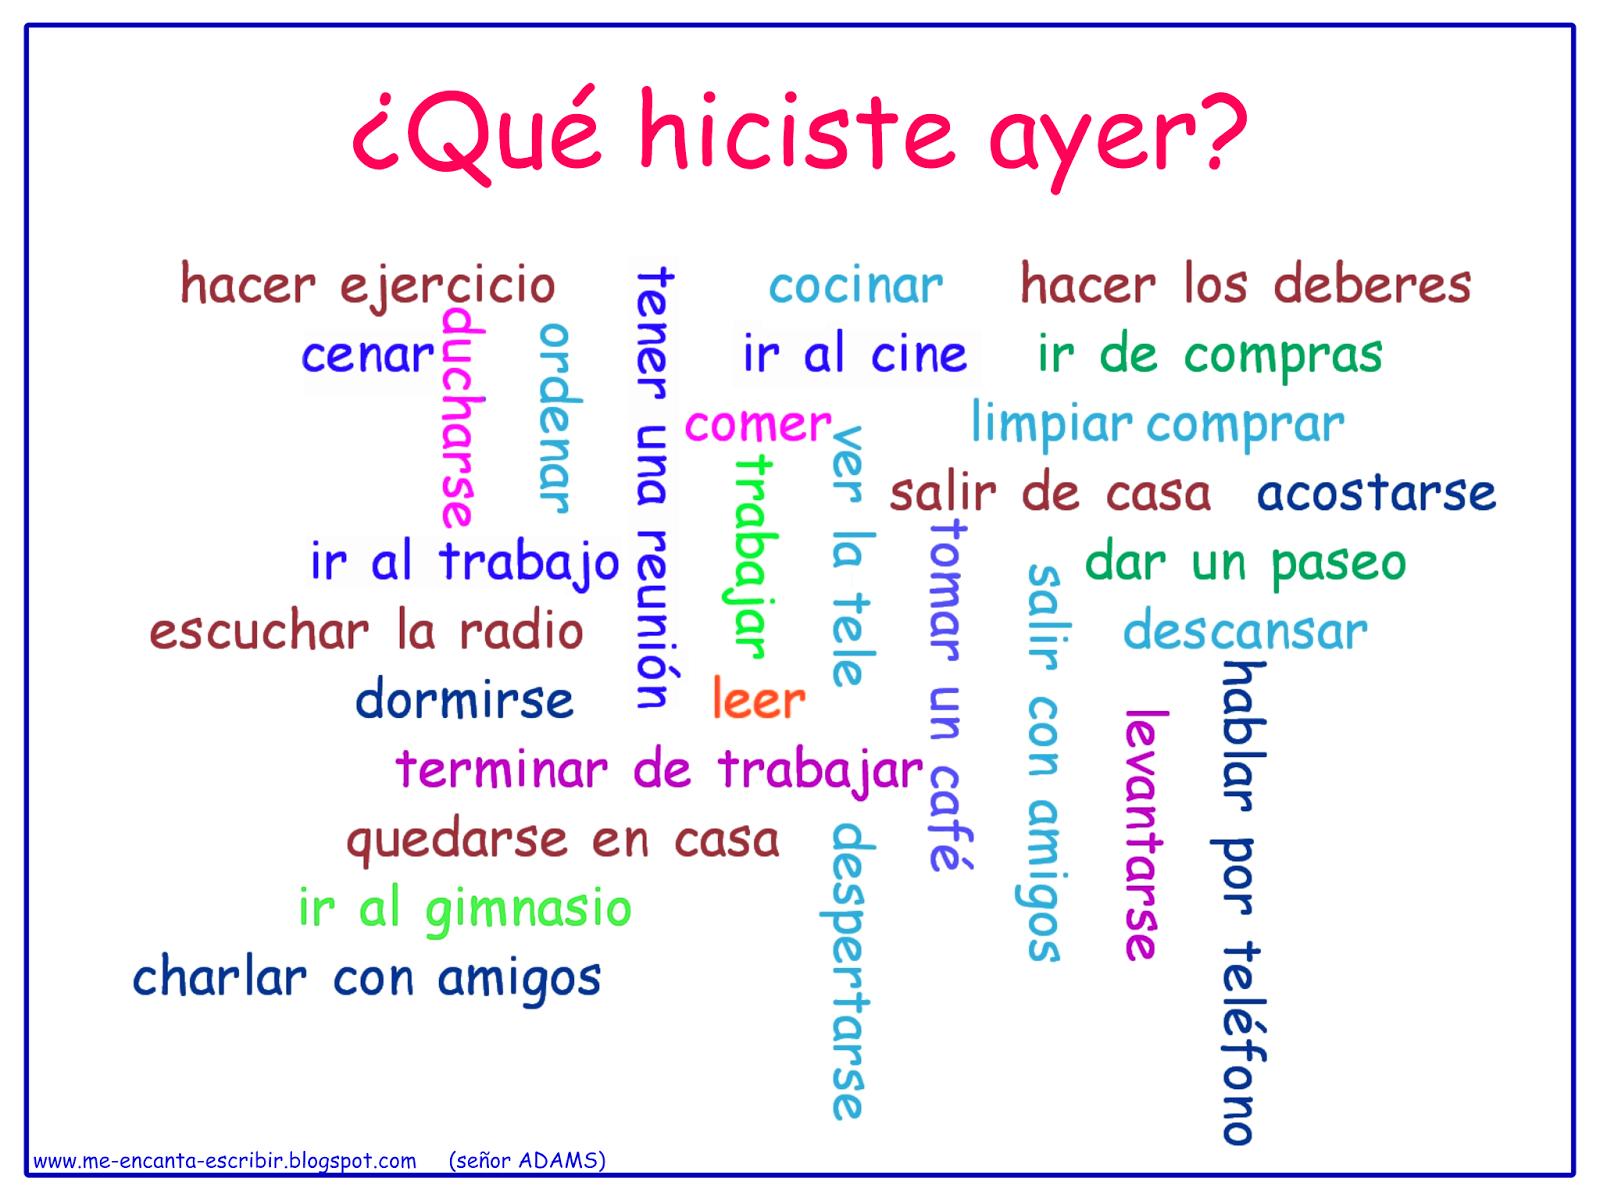 Me Encanta Escribir En Espanol Que Hiciste Ayer